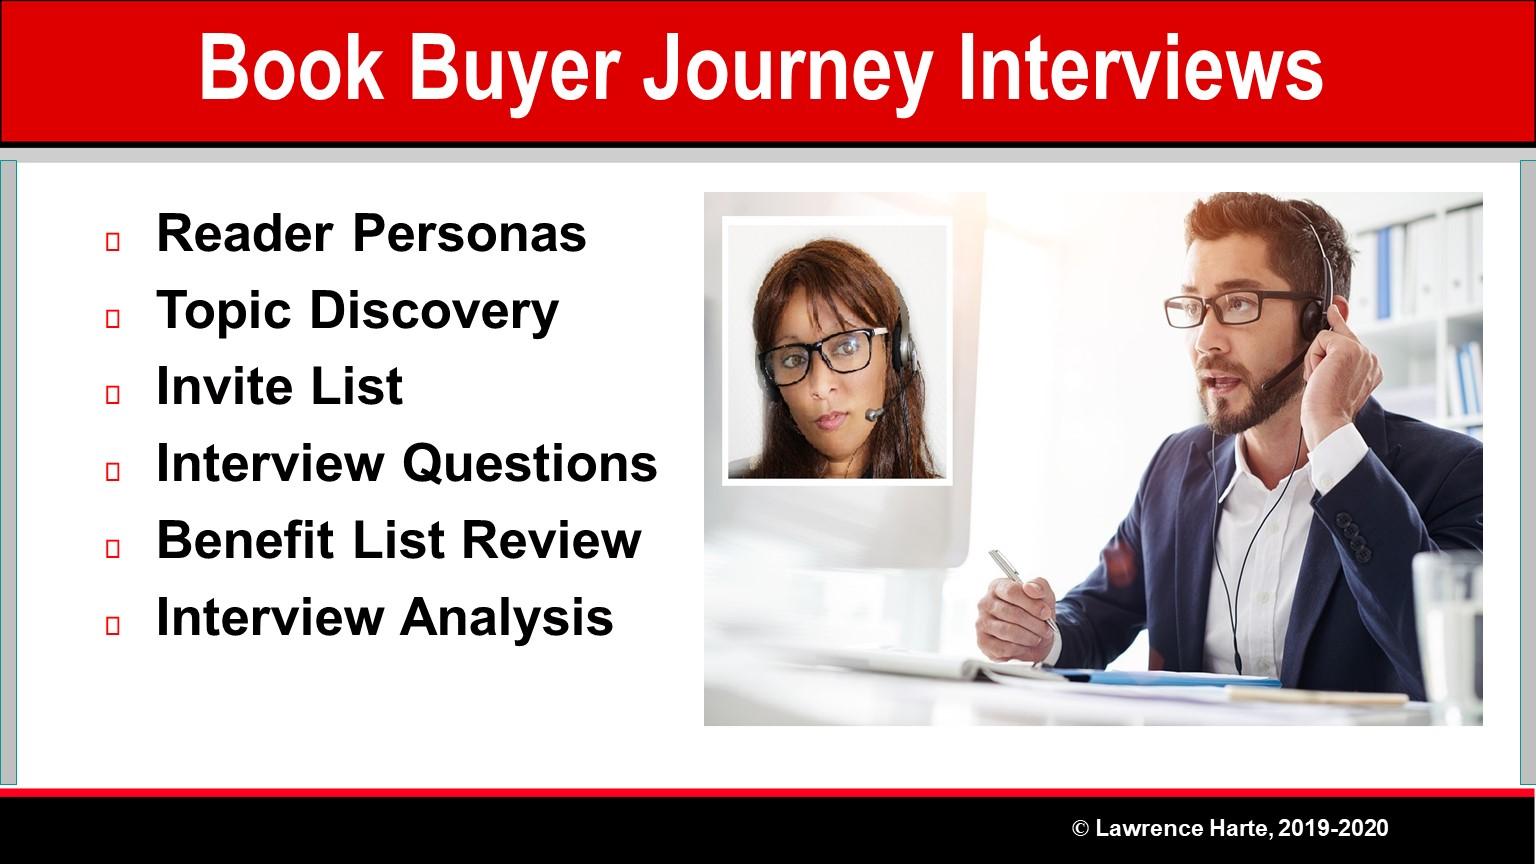 Book Pre-Launch Buyer Journey Interviews